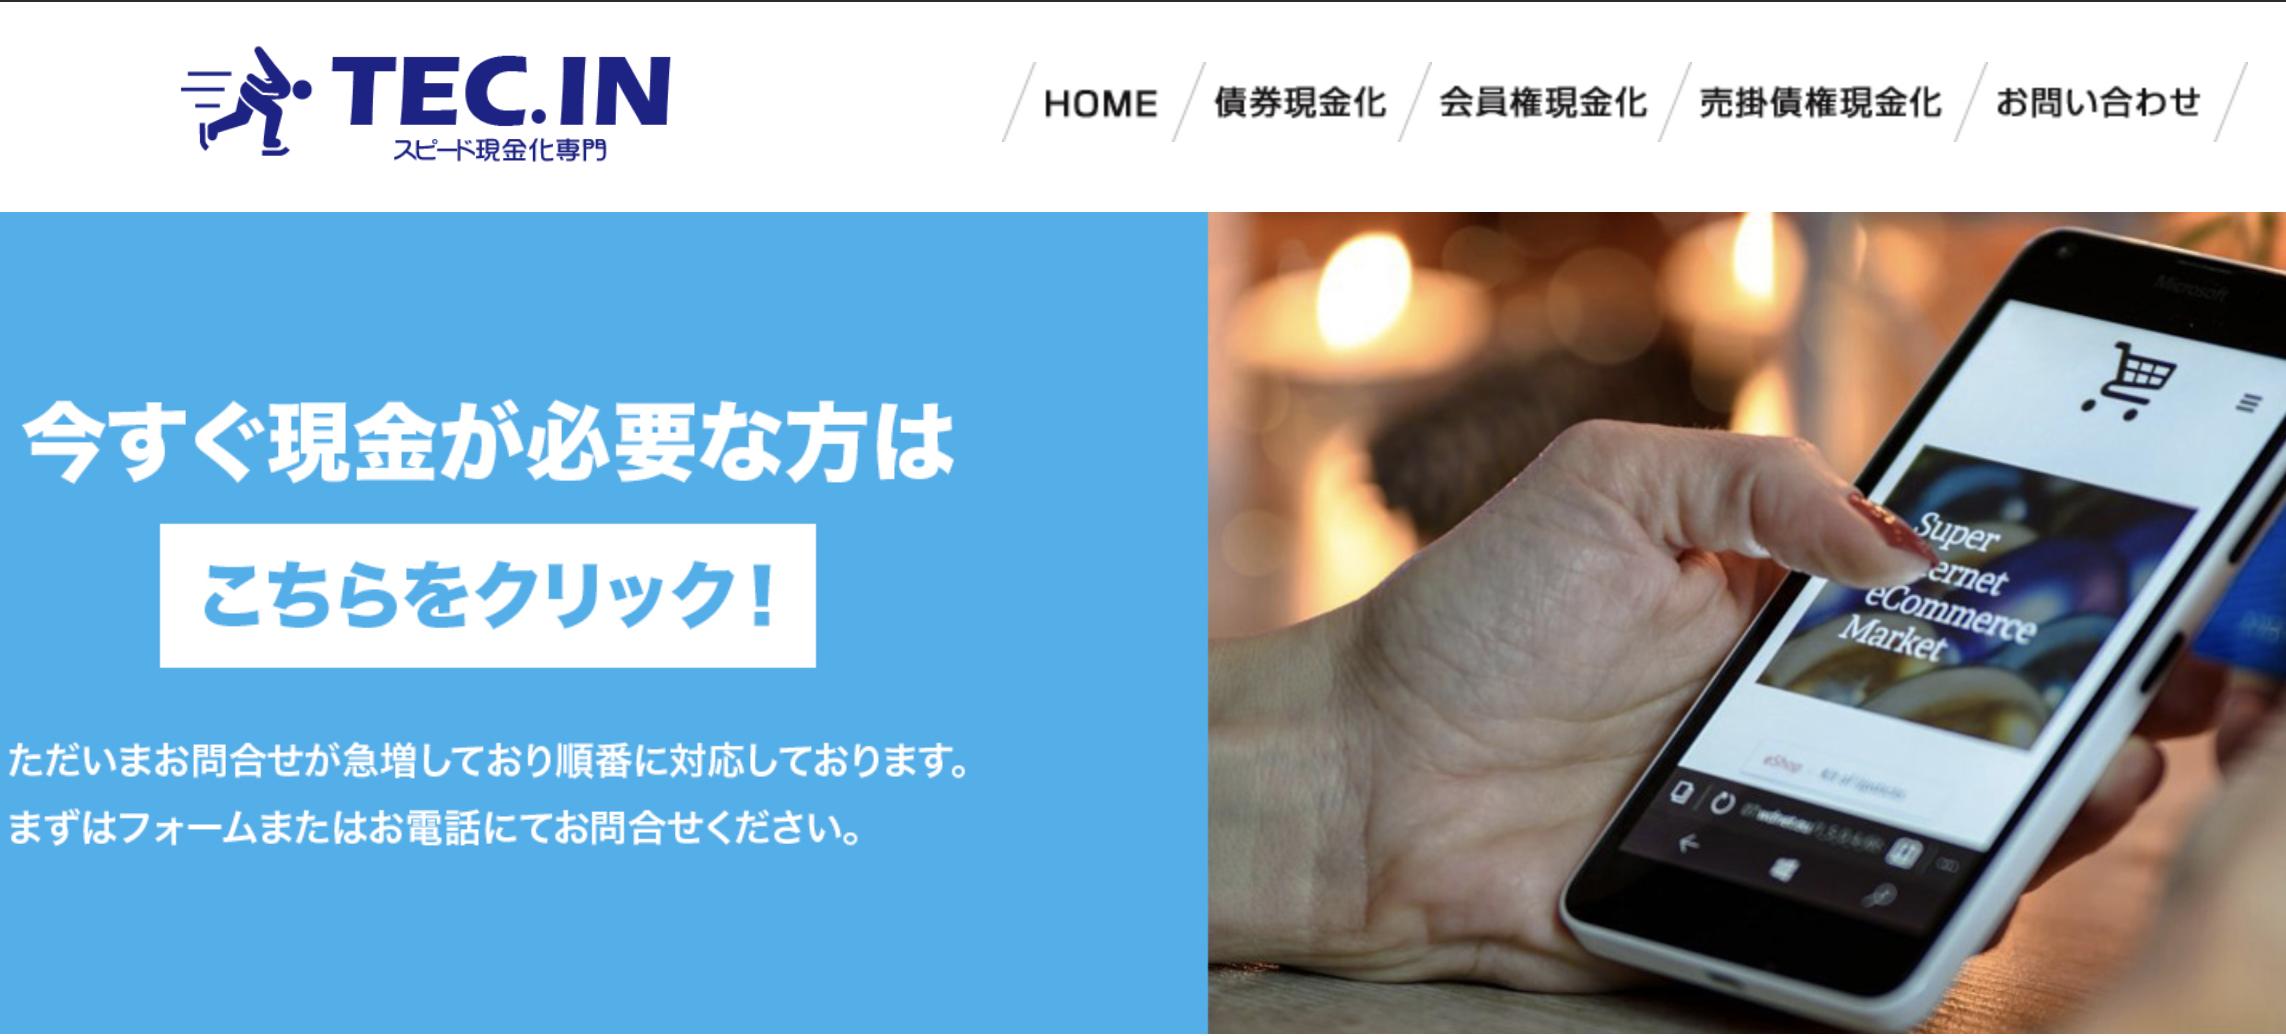 TEC.IN(テックイン)-スマートツケ払いの会社情報とサービス内容